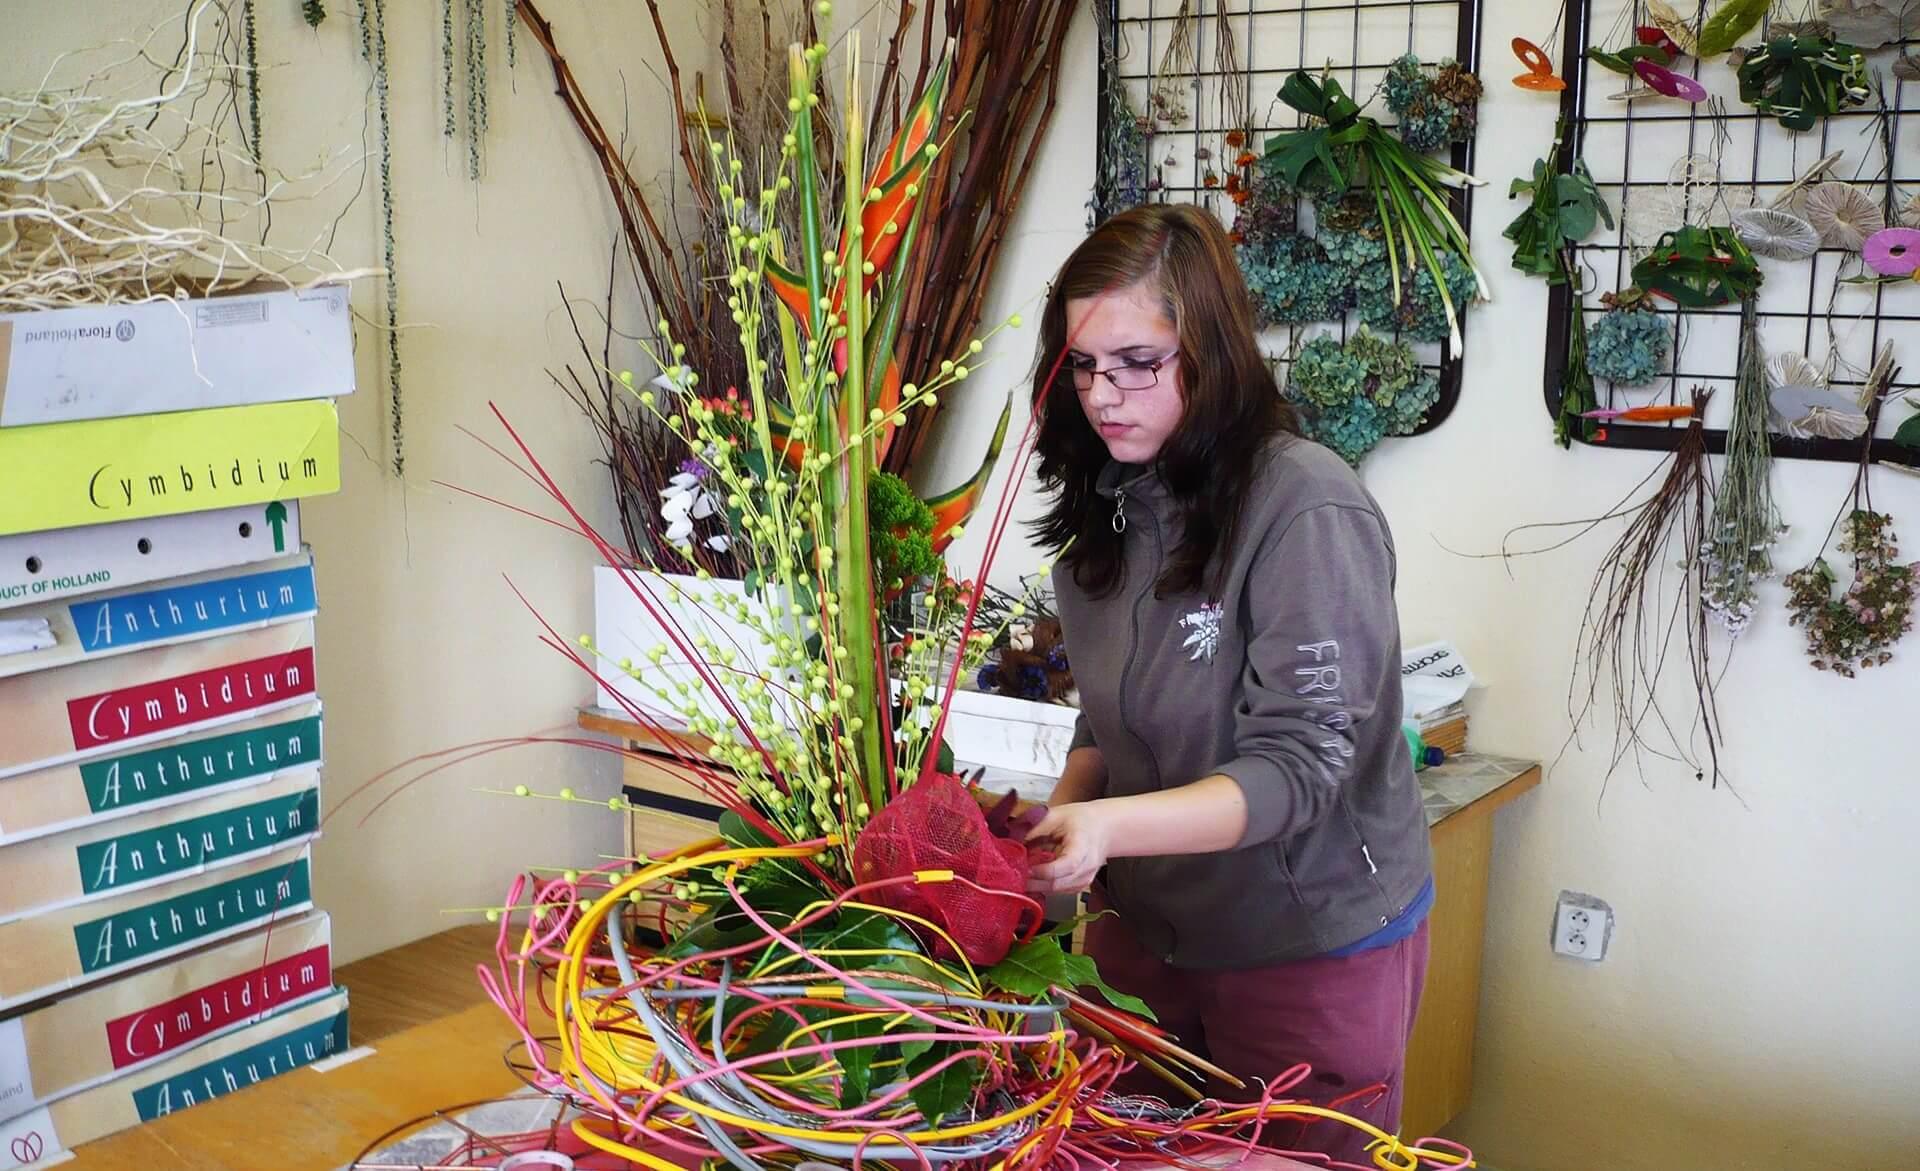 Zahradnické práce (Pěstování a aranžování květin)